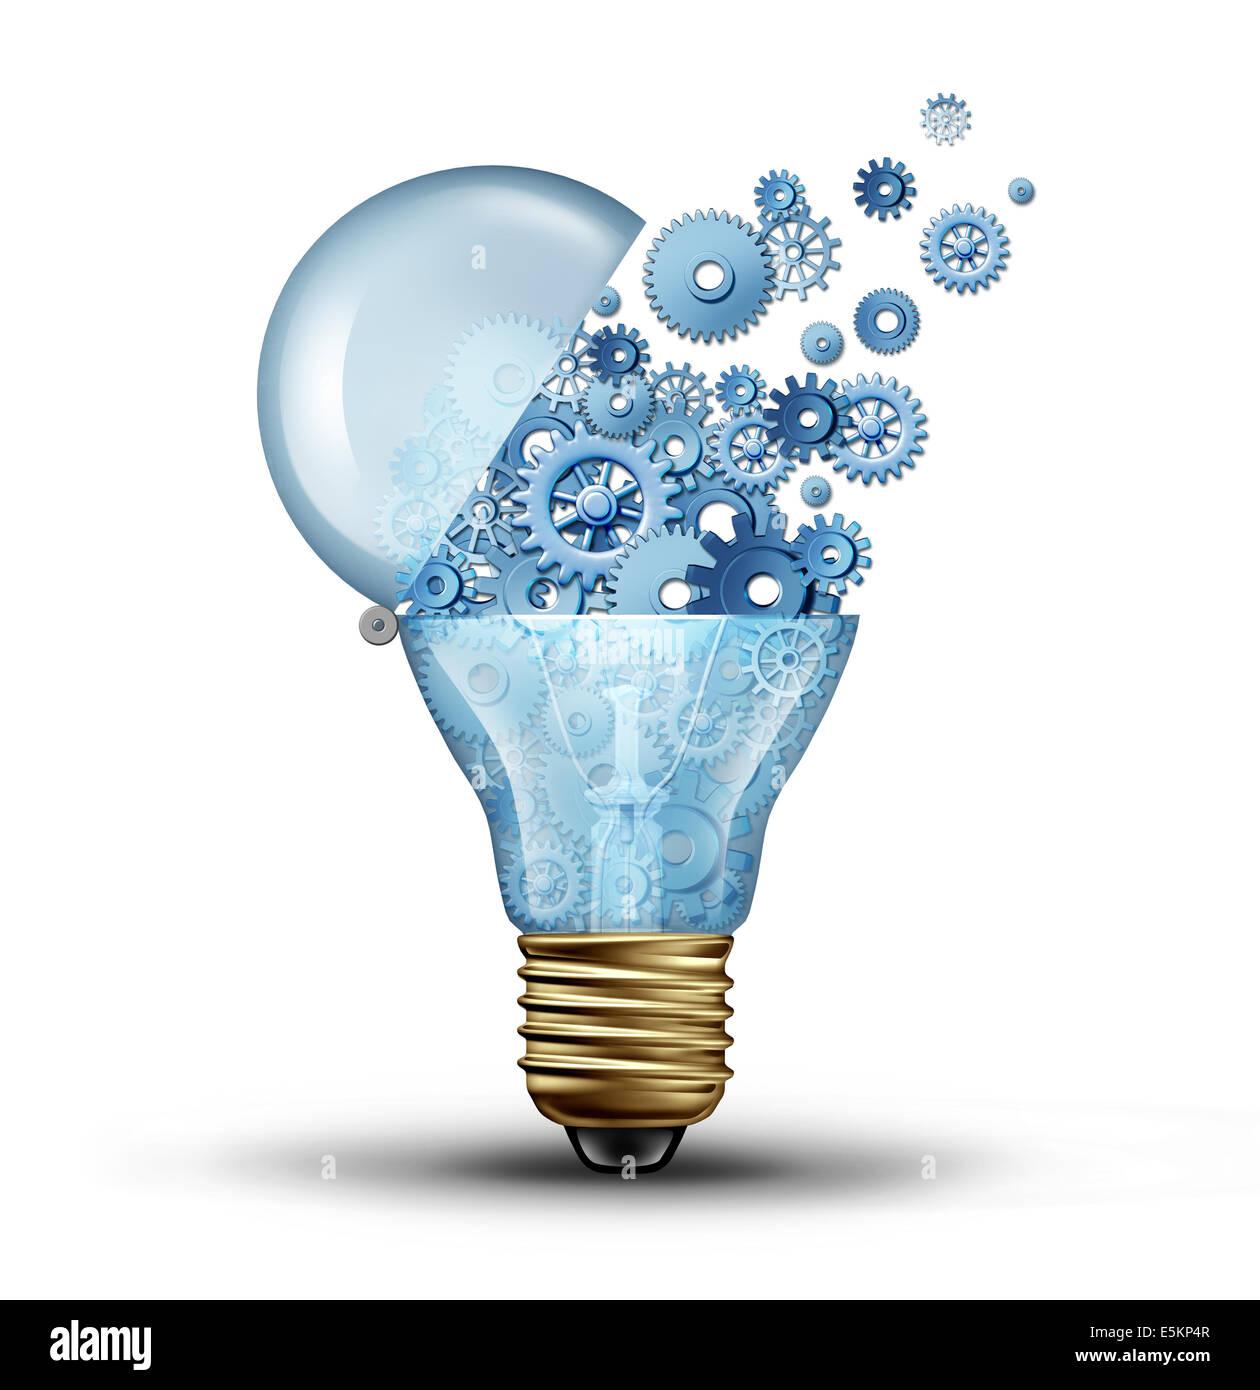 Technologie und Kommunikation Kreativkonzept als eine offene Tür Licht Lampe Tranfering Getriebe und Zahnräder Stockbild